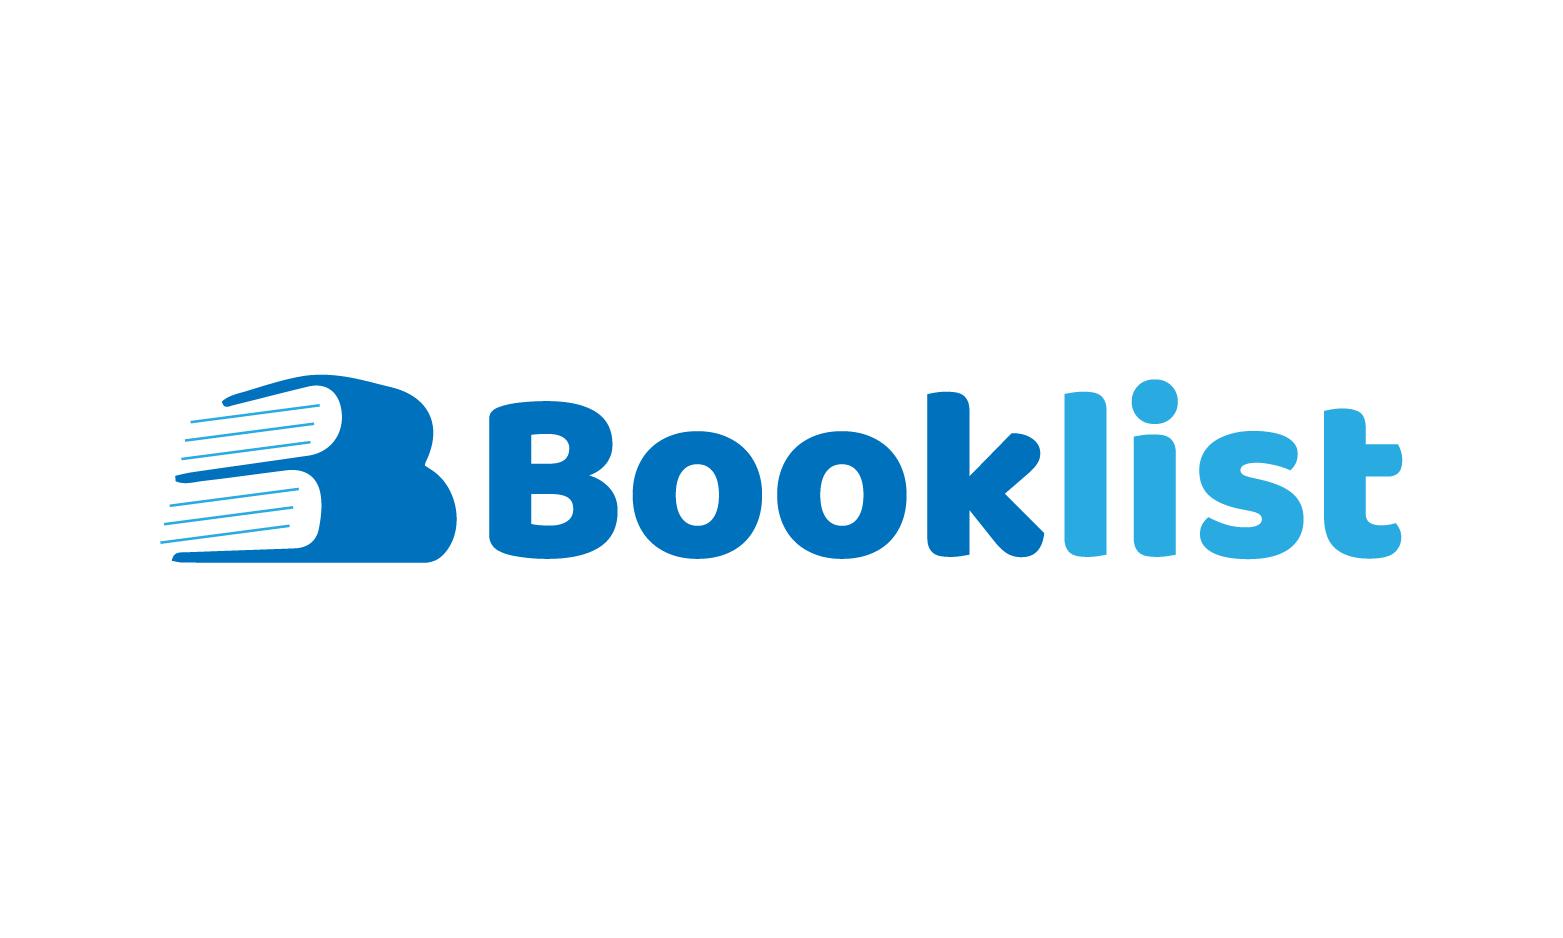 Booklist.com